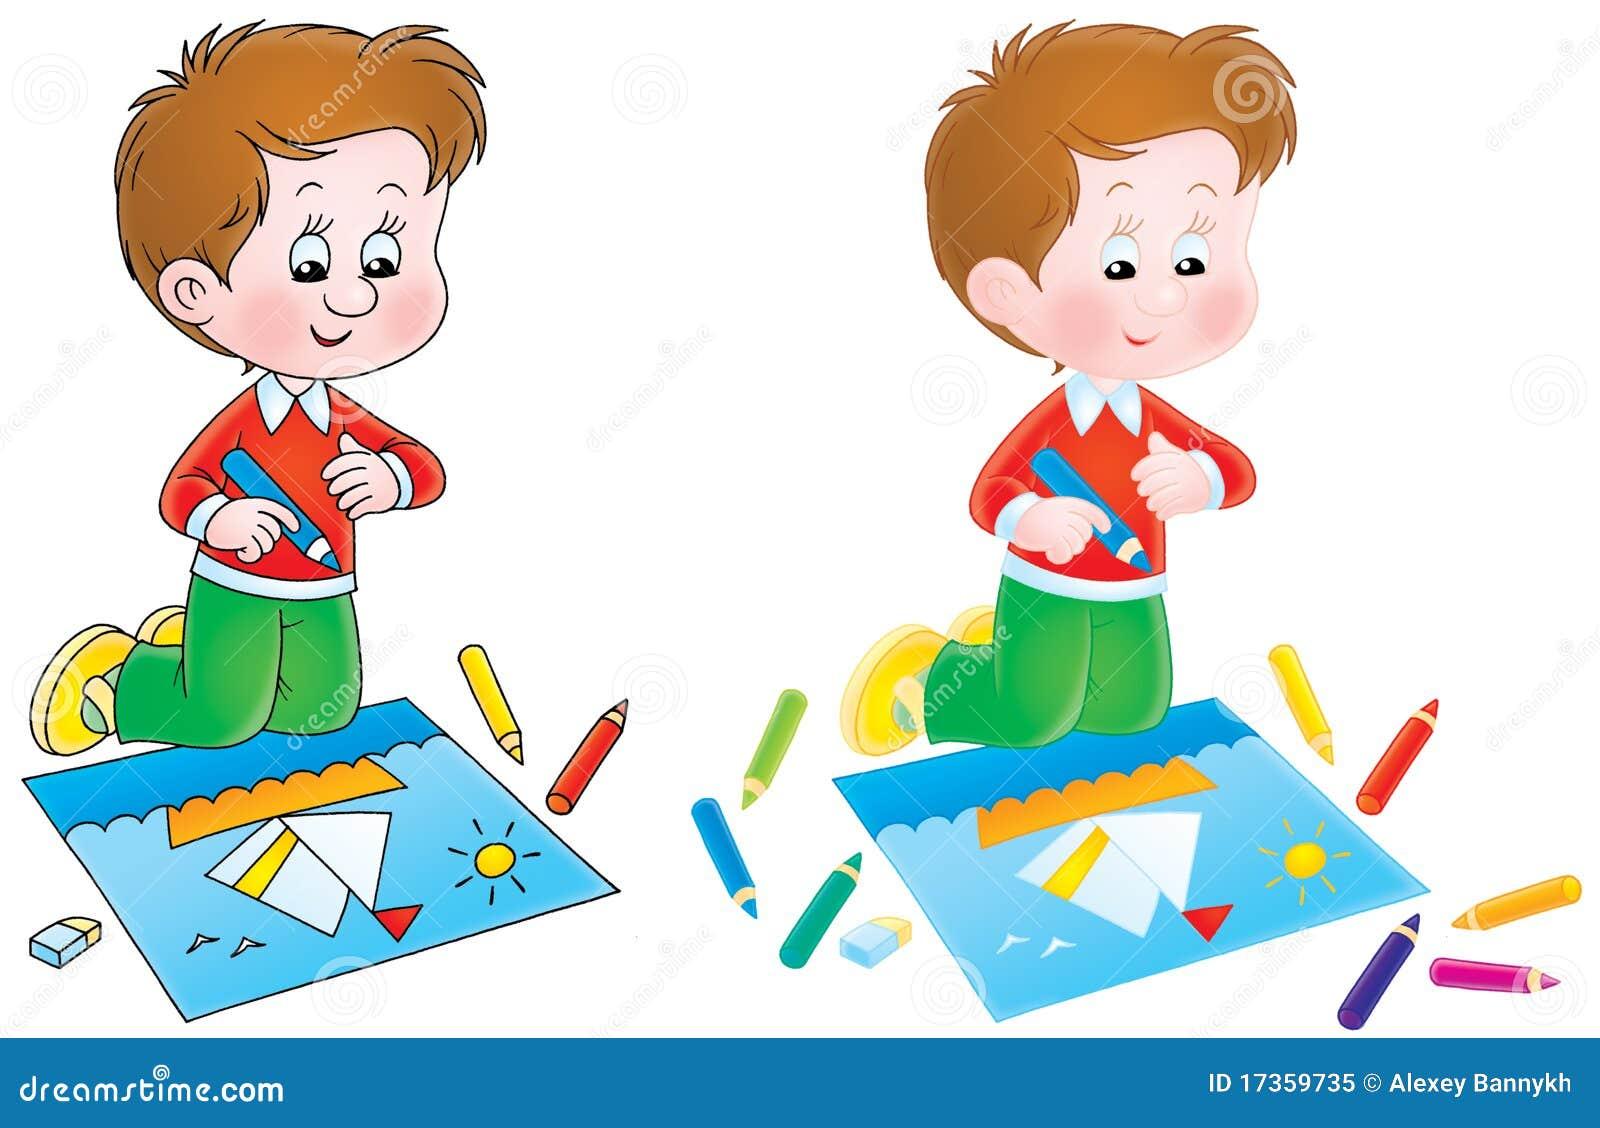 Getrennte Clipart Abbildung Eines Jungen Der Mit Bleistiften Eine